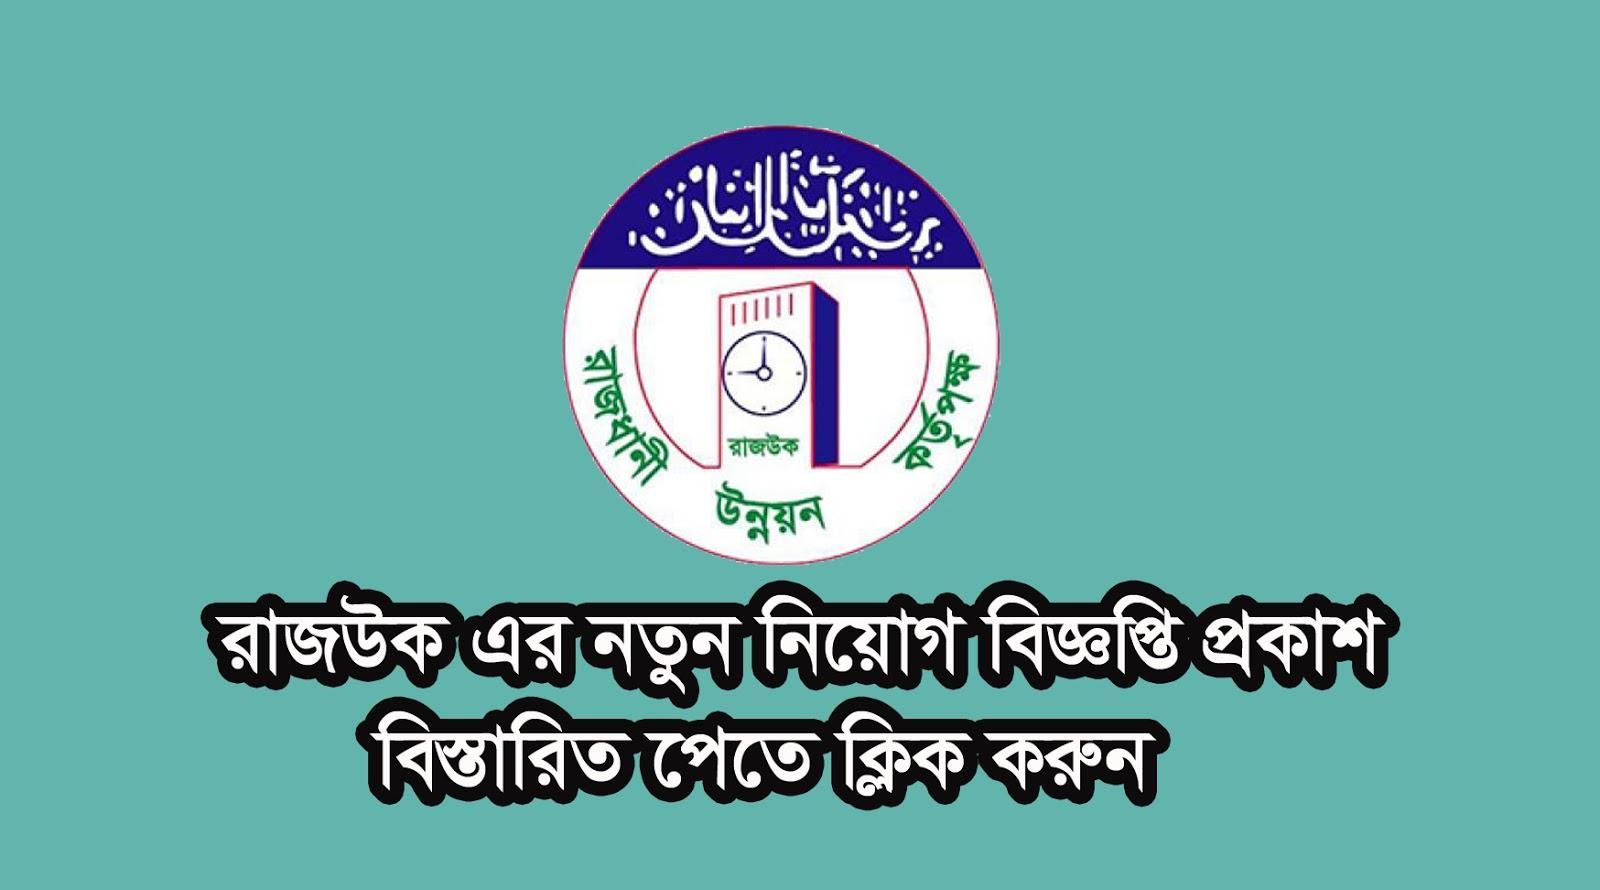 রাজধানী উন্নয়ন কর্তৃপক্ষ নতুন নিয়োগ প্রকাশ করেছে আবেদন লিংক সহ Rajuk job circular 2019